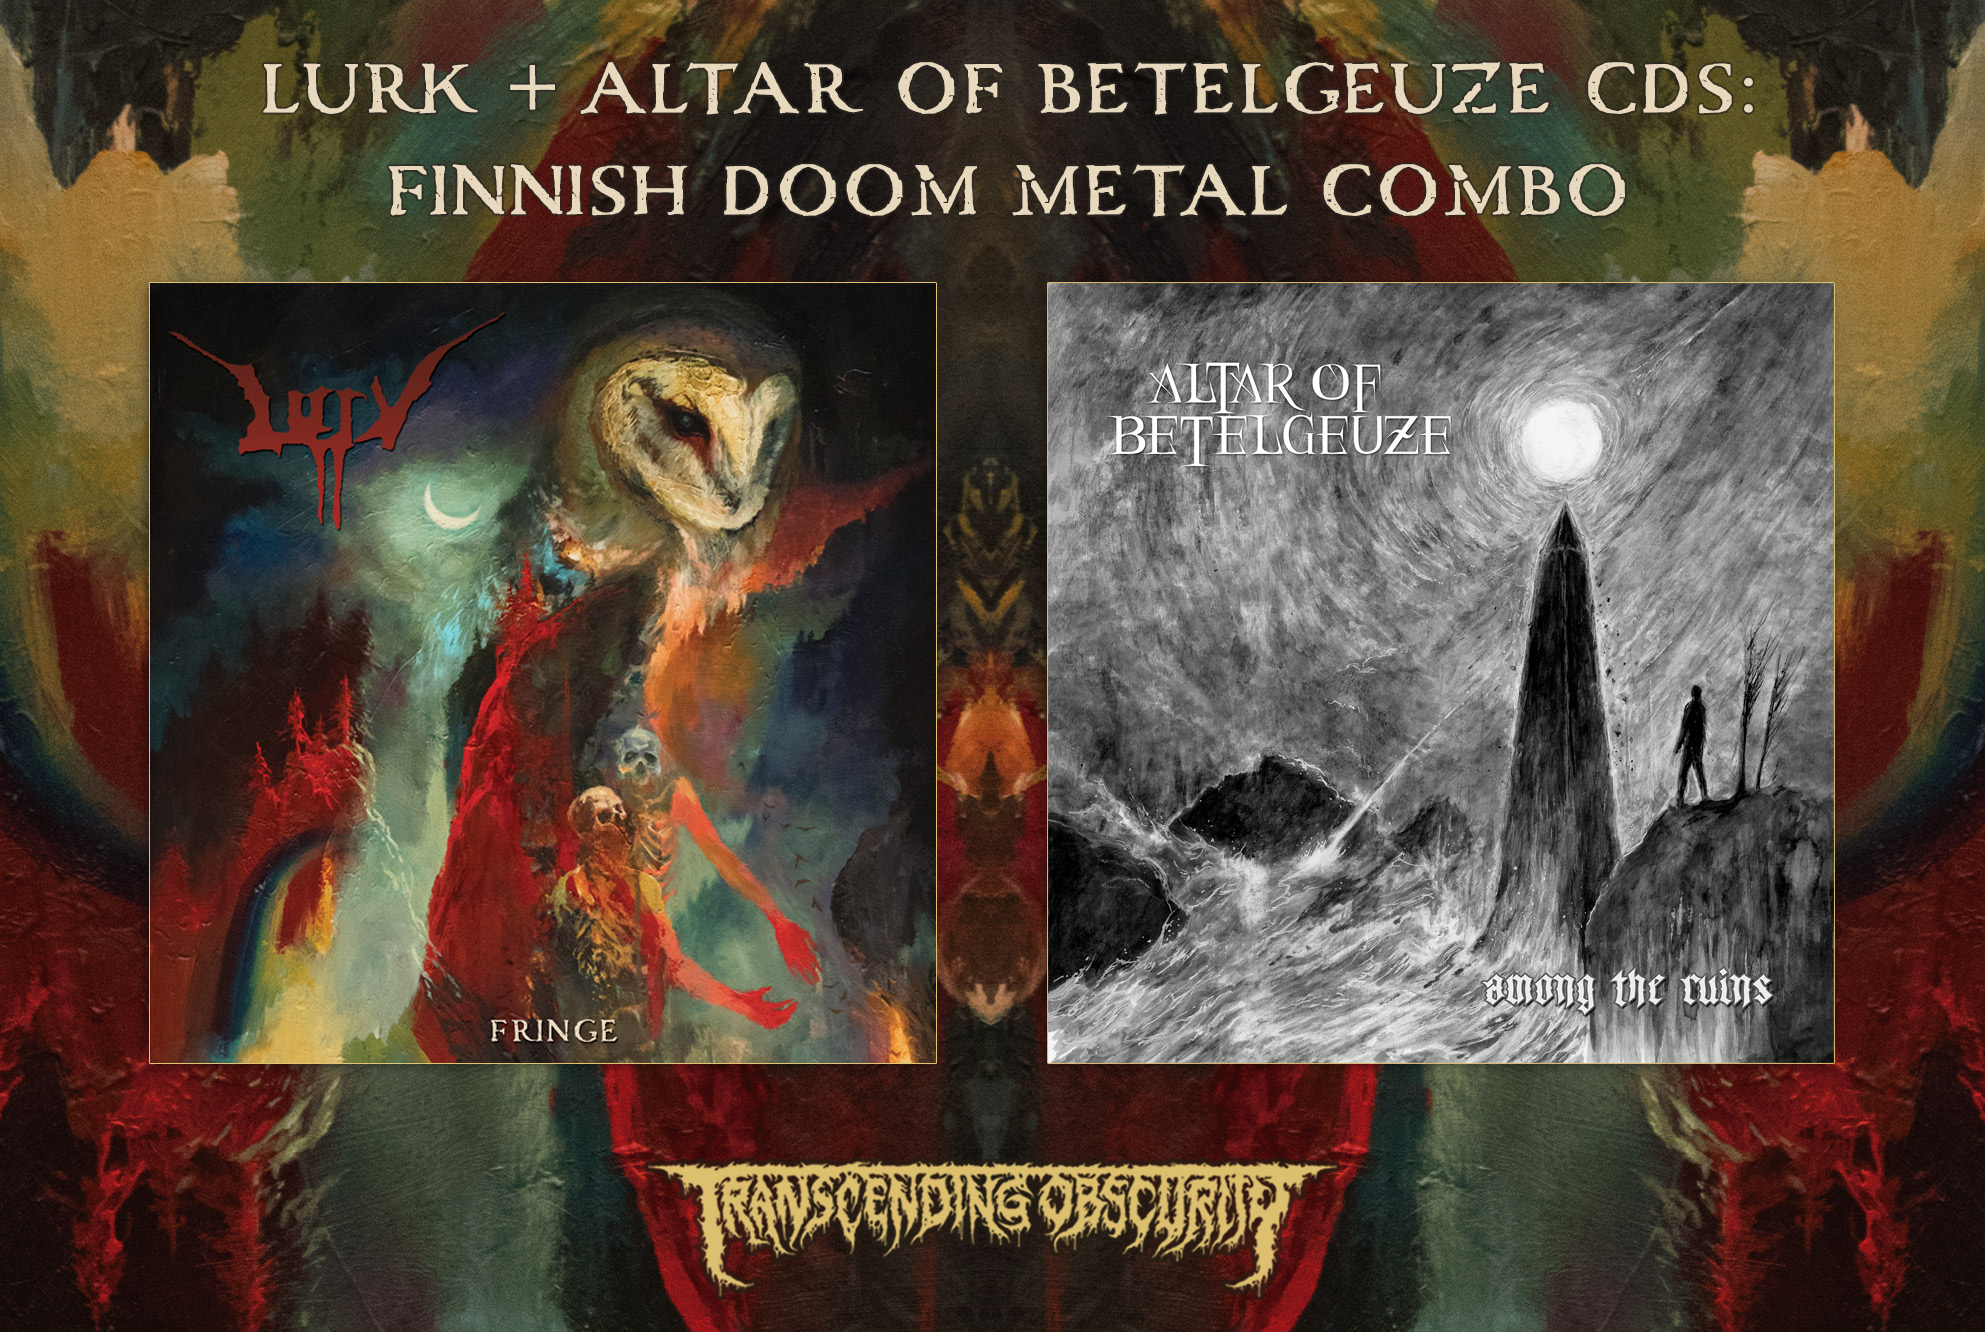 LURK + ALTAR OF BETELGEUZE - Finnish Doom Metal Special - TRANSCENDING  OBSCURITY